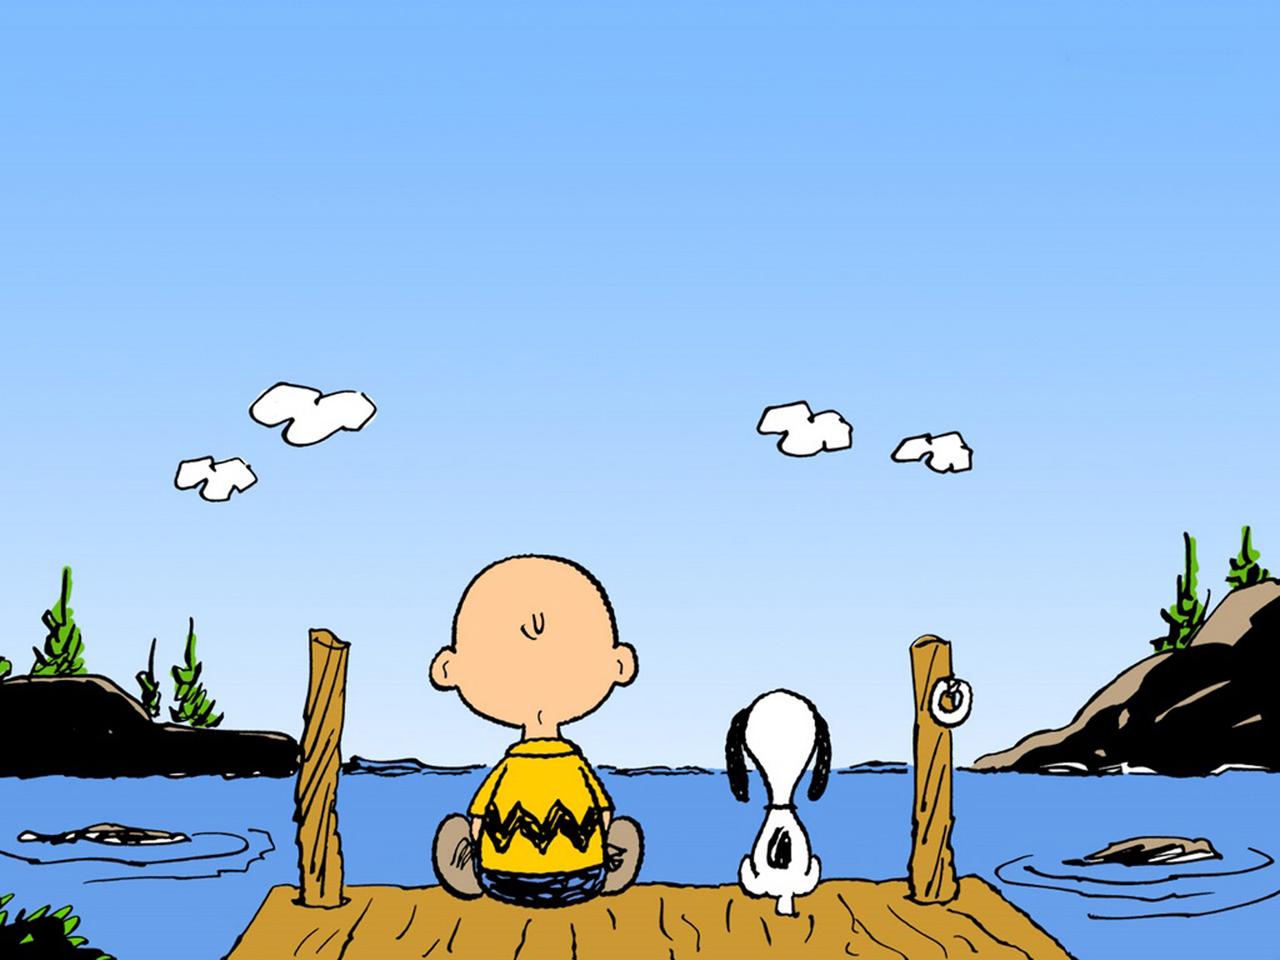 49 Charlie Brown Screensavers And Wallpaper On Wallpapersafari